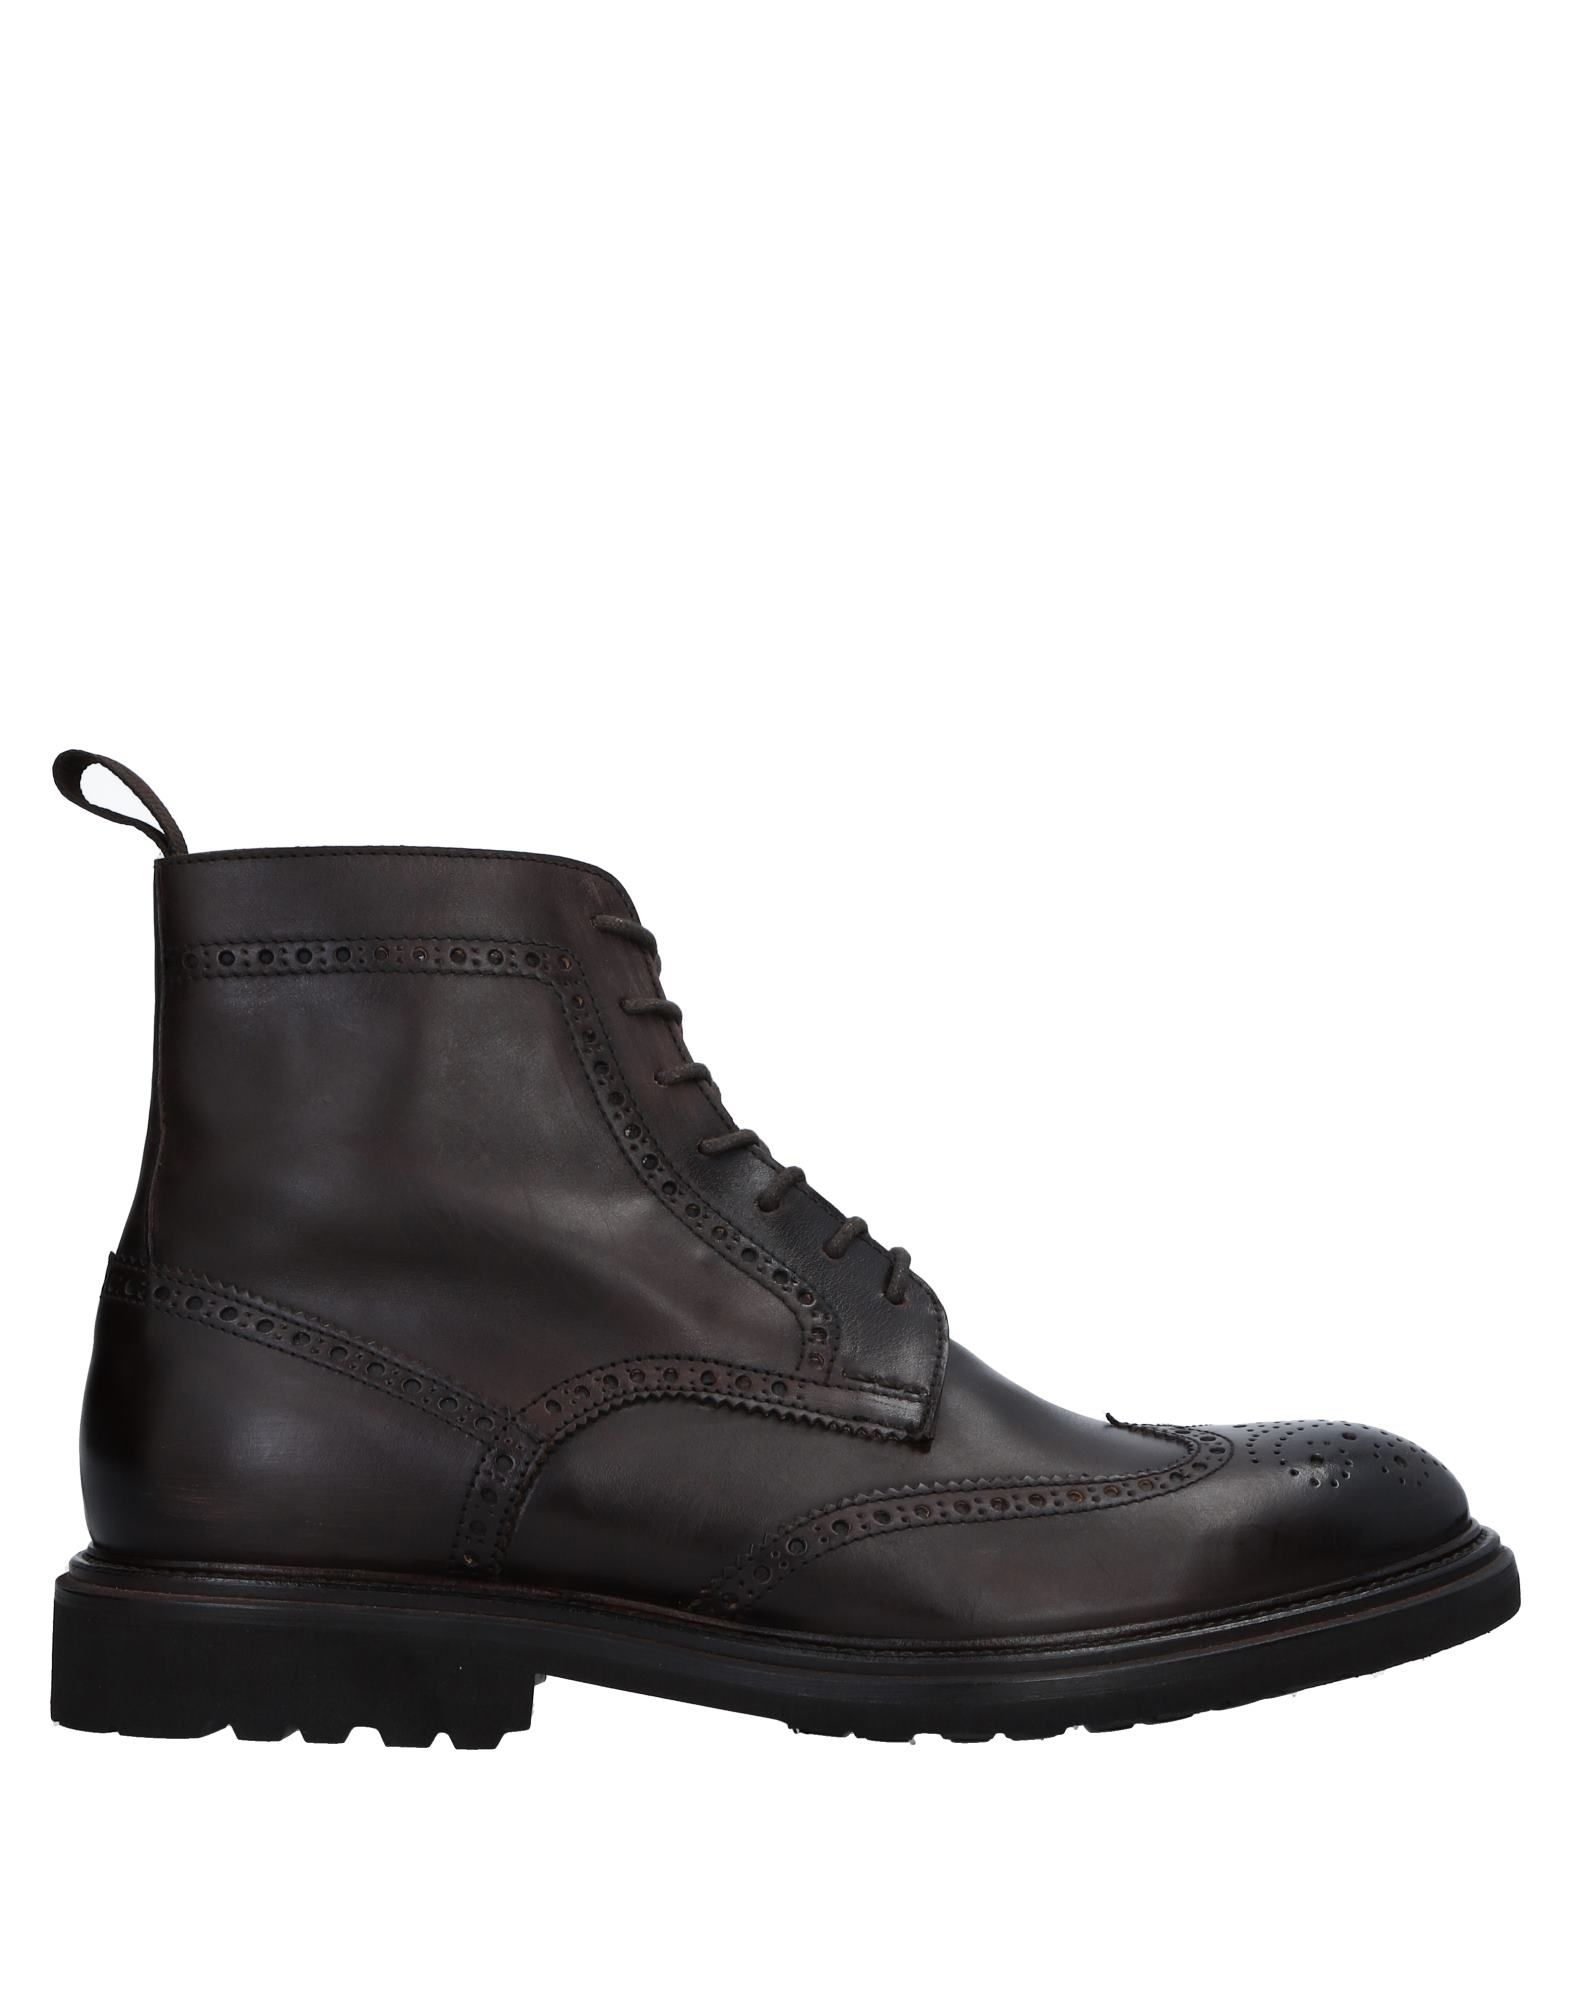 Migliore Stiefelette Herren  11533959XP Gute Qualität beliebte Schuhe